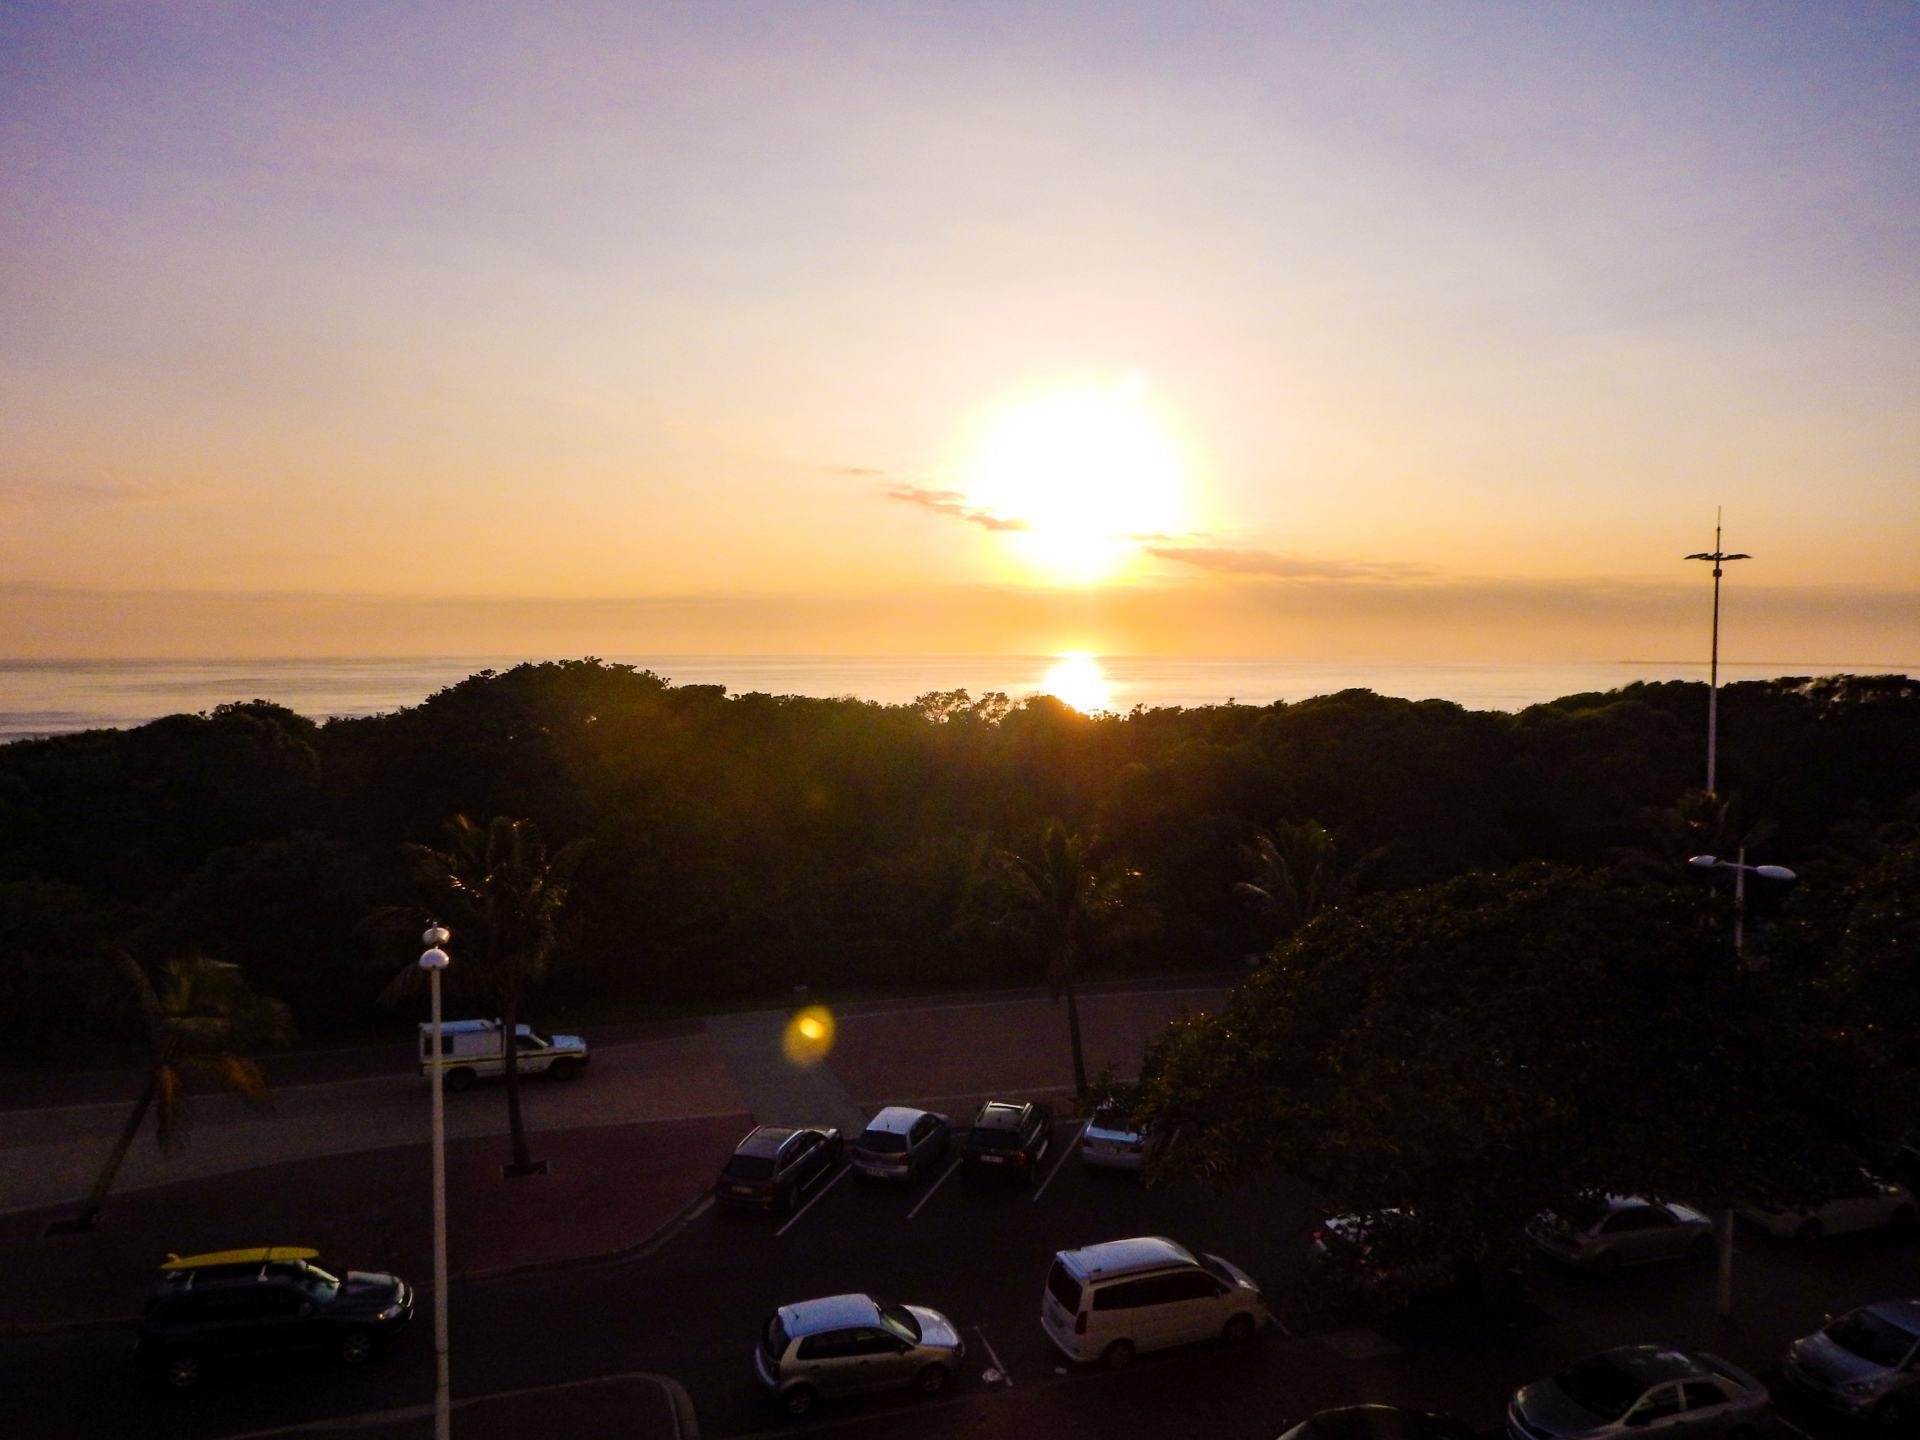 sunrise in durban